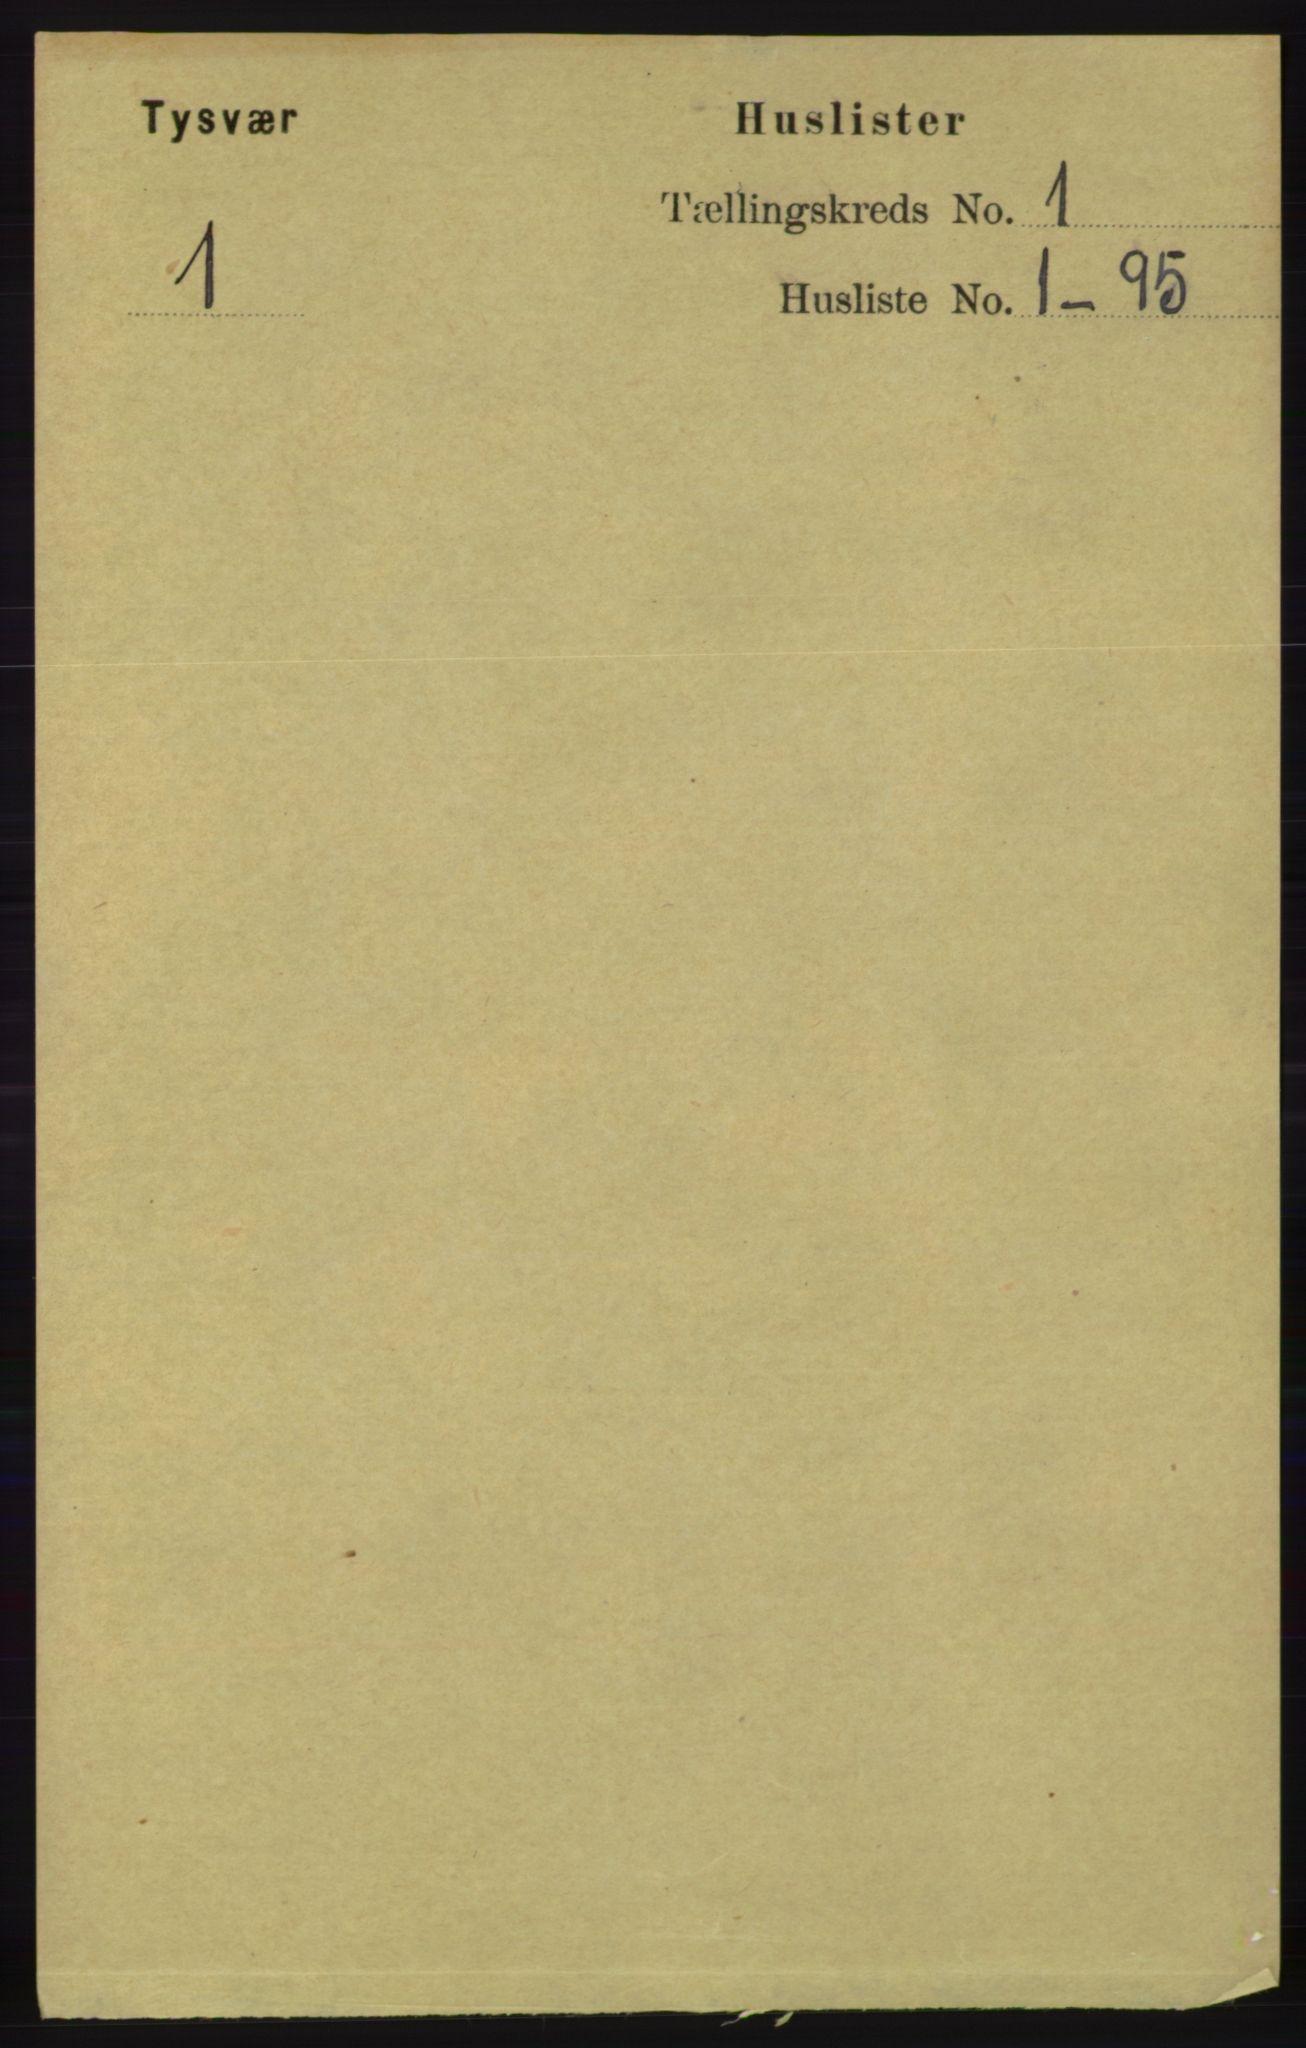 RA, Folketelling 1891 for 1146 Tysvær herred, 1891, s. 18